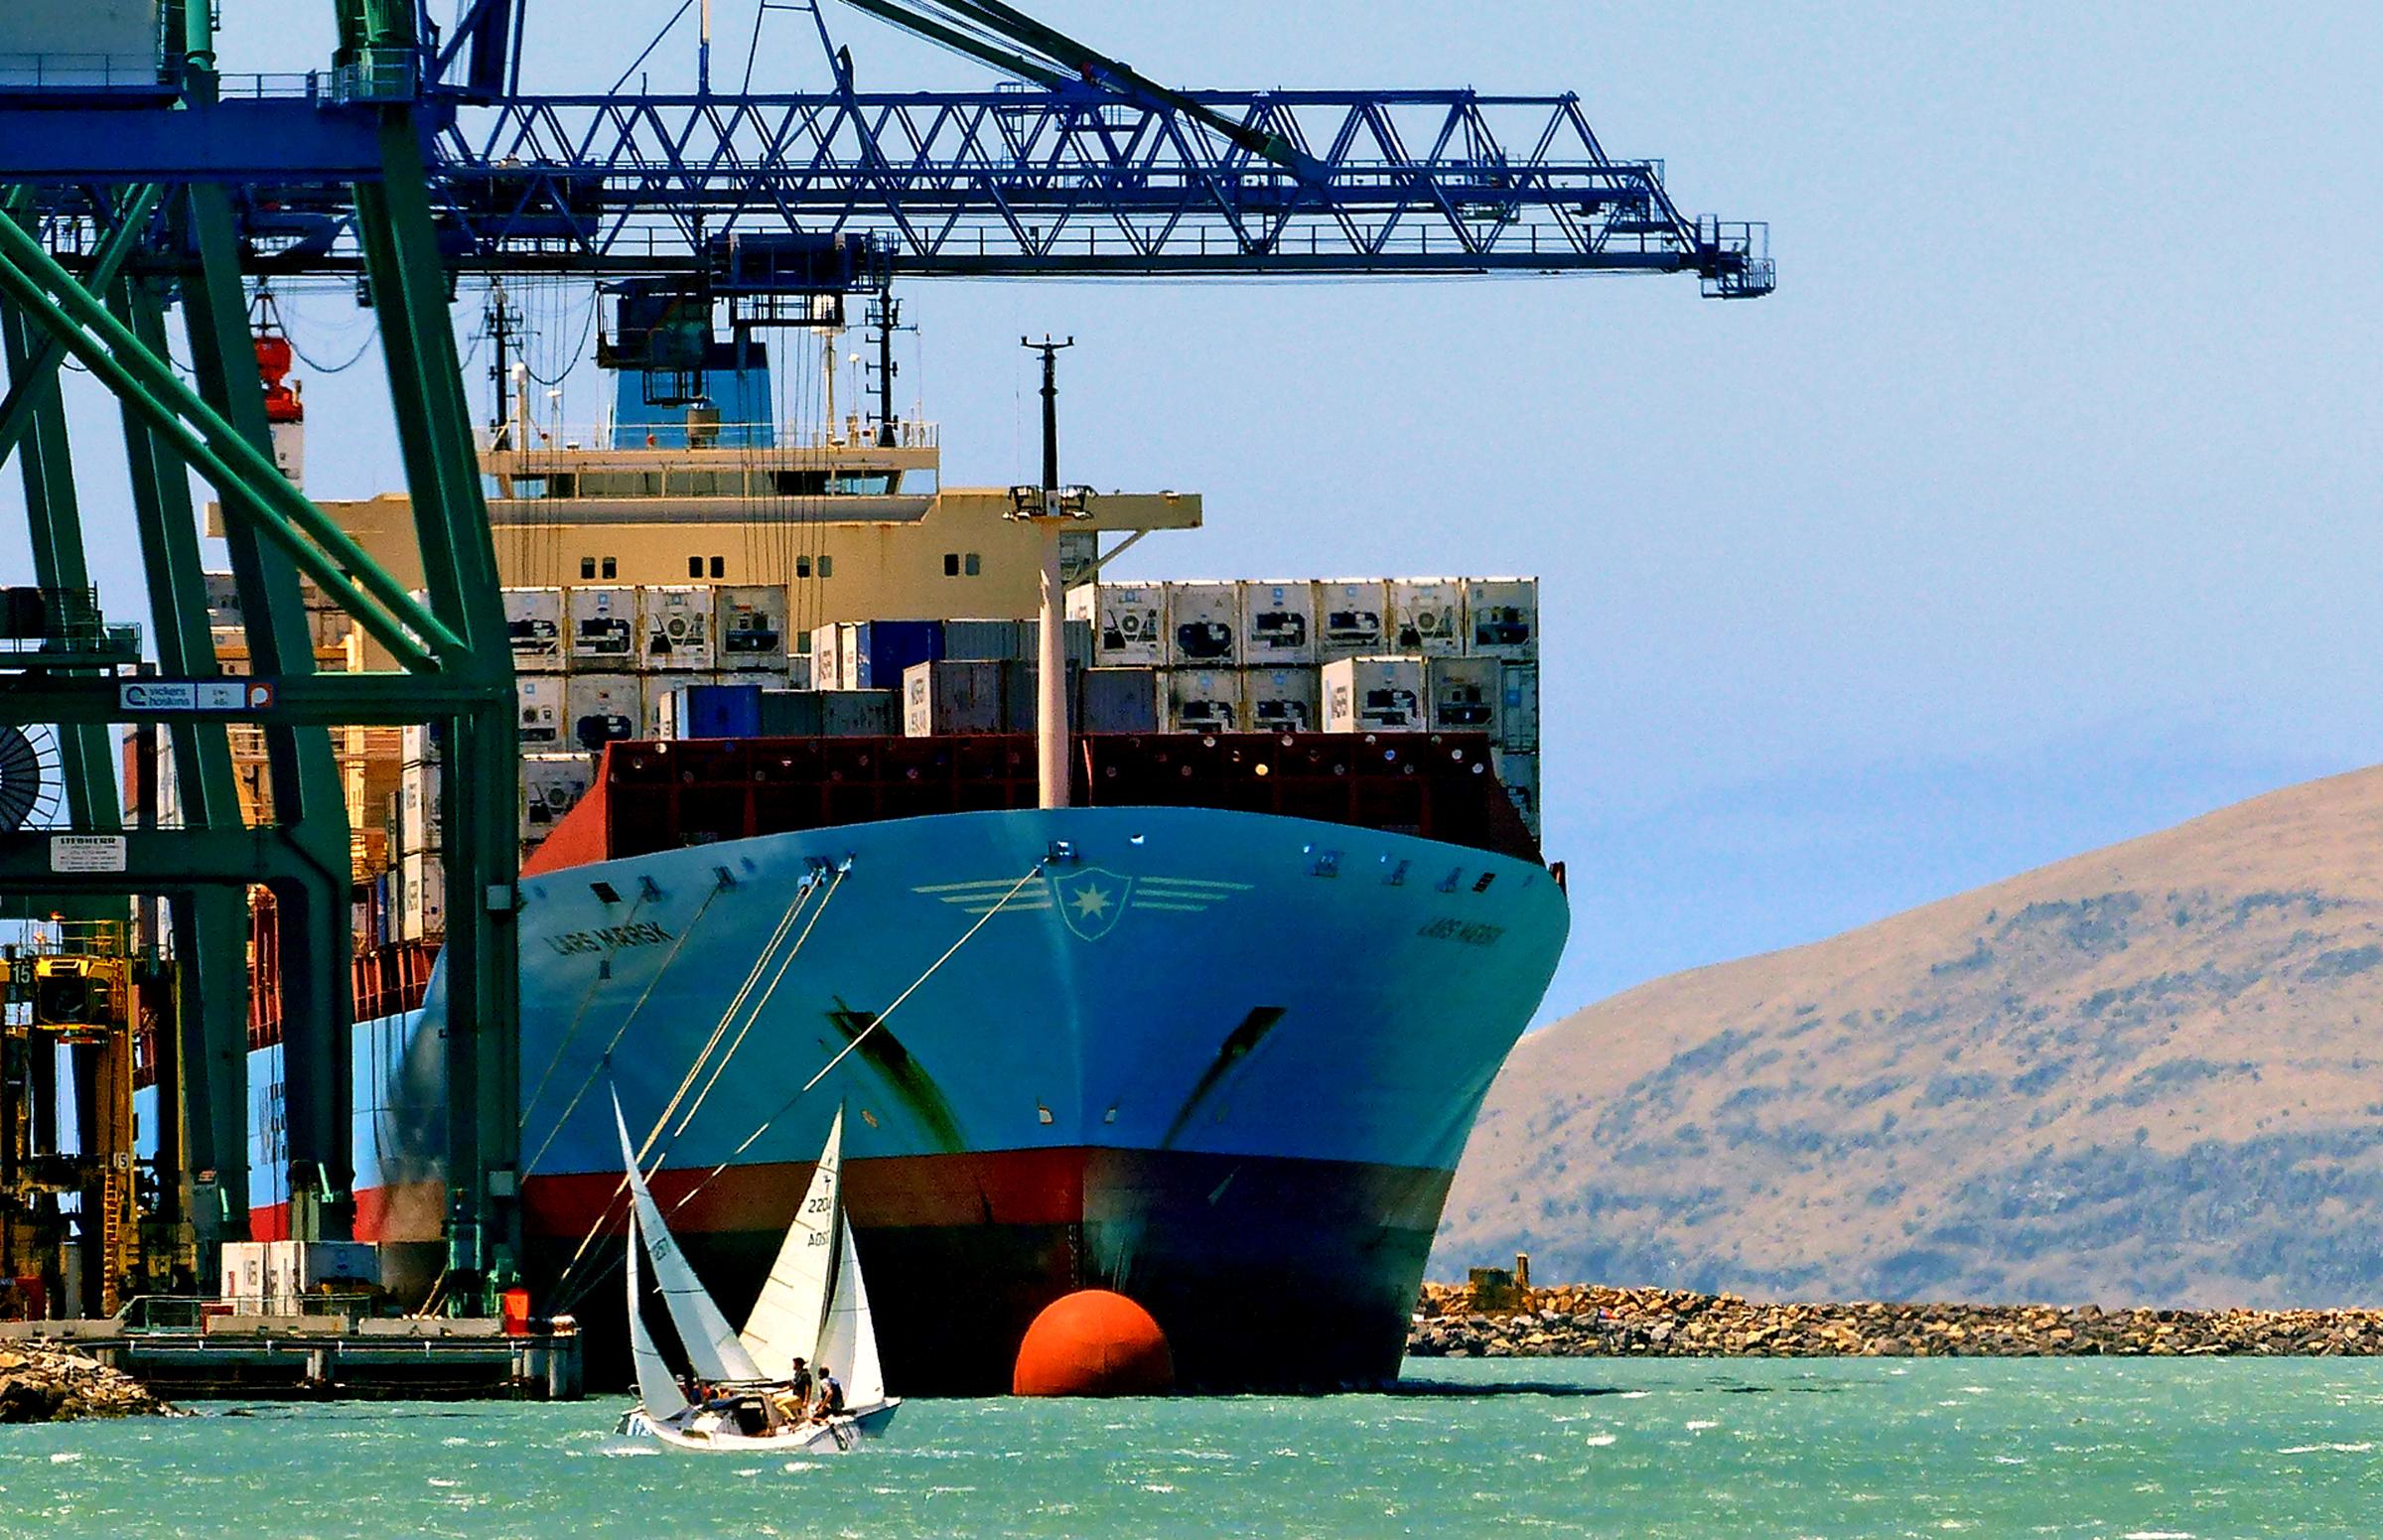 Laut Lautan Perahu Kapal Kendaraan Pelabuhan Pelabuhan Kapal Kargo Area Publik Saluran Pengiriman Portlyttleton Lumixfz Kapal Public Domain